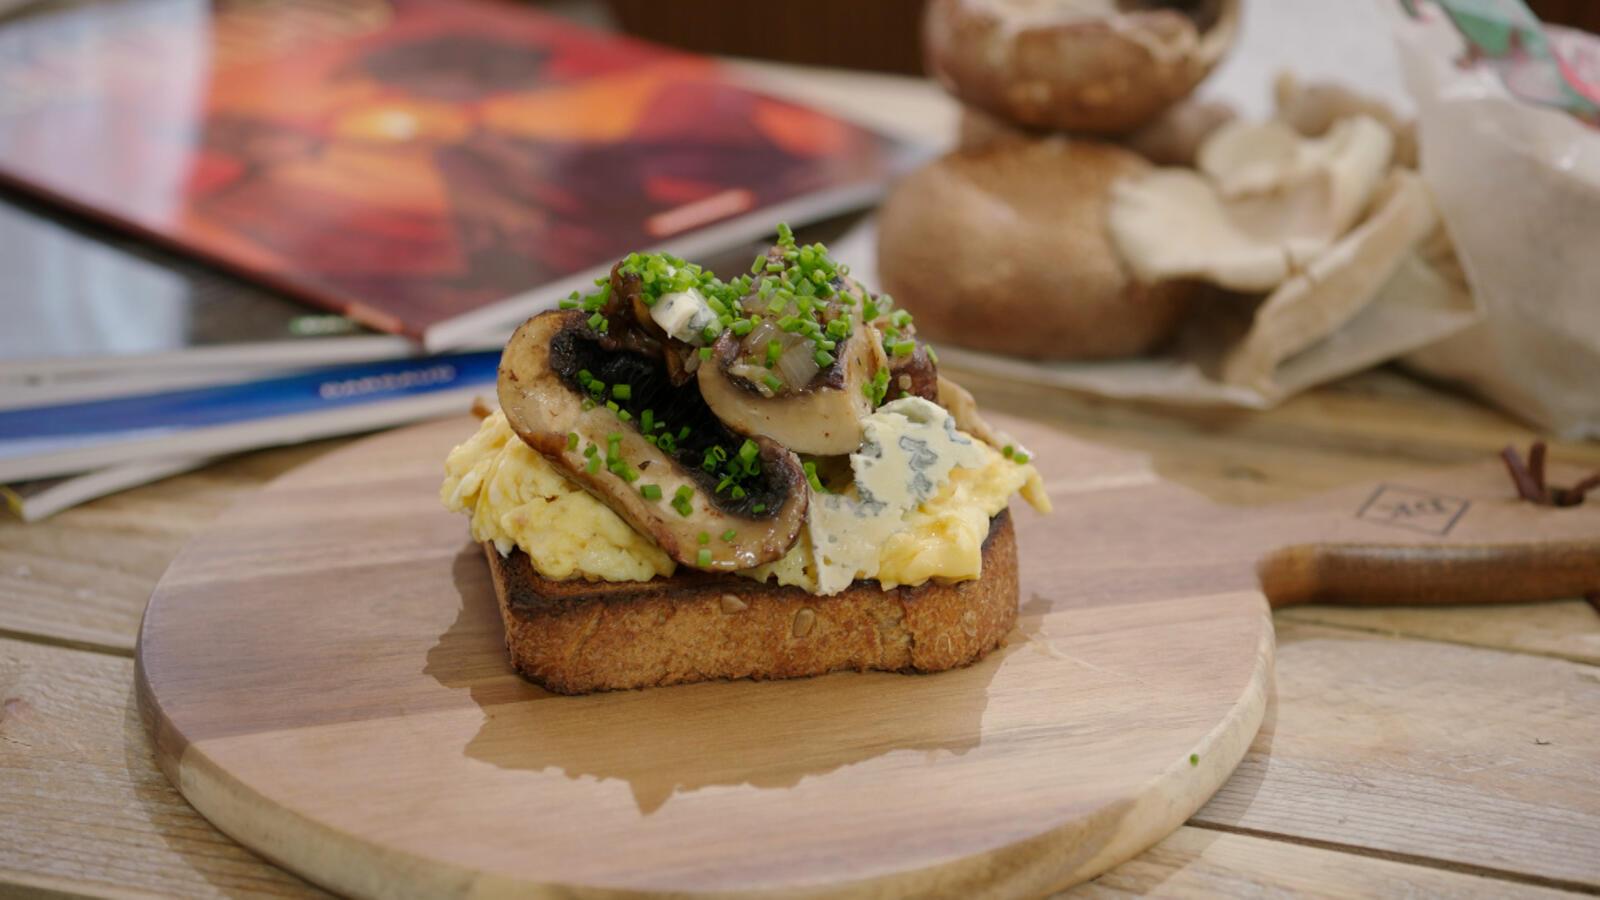 Toast champignon met roerei en blauwe kaas